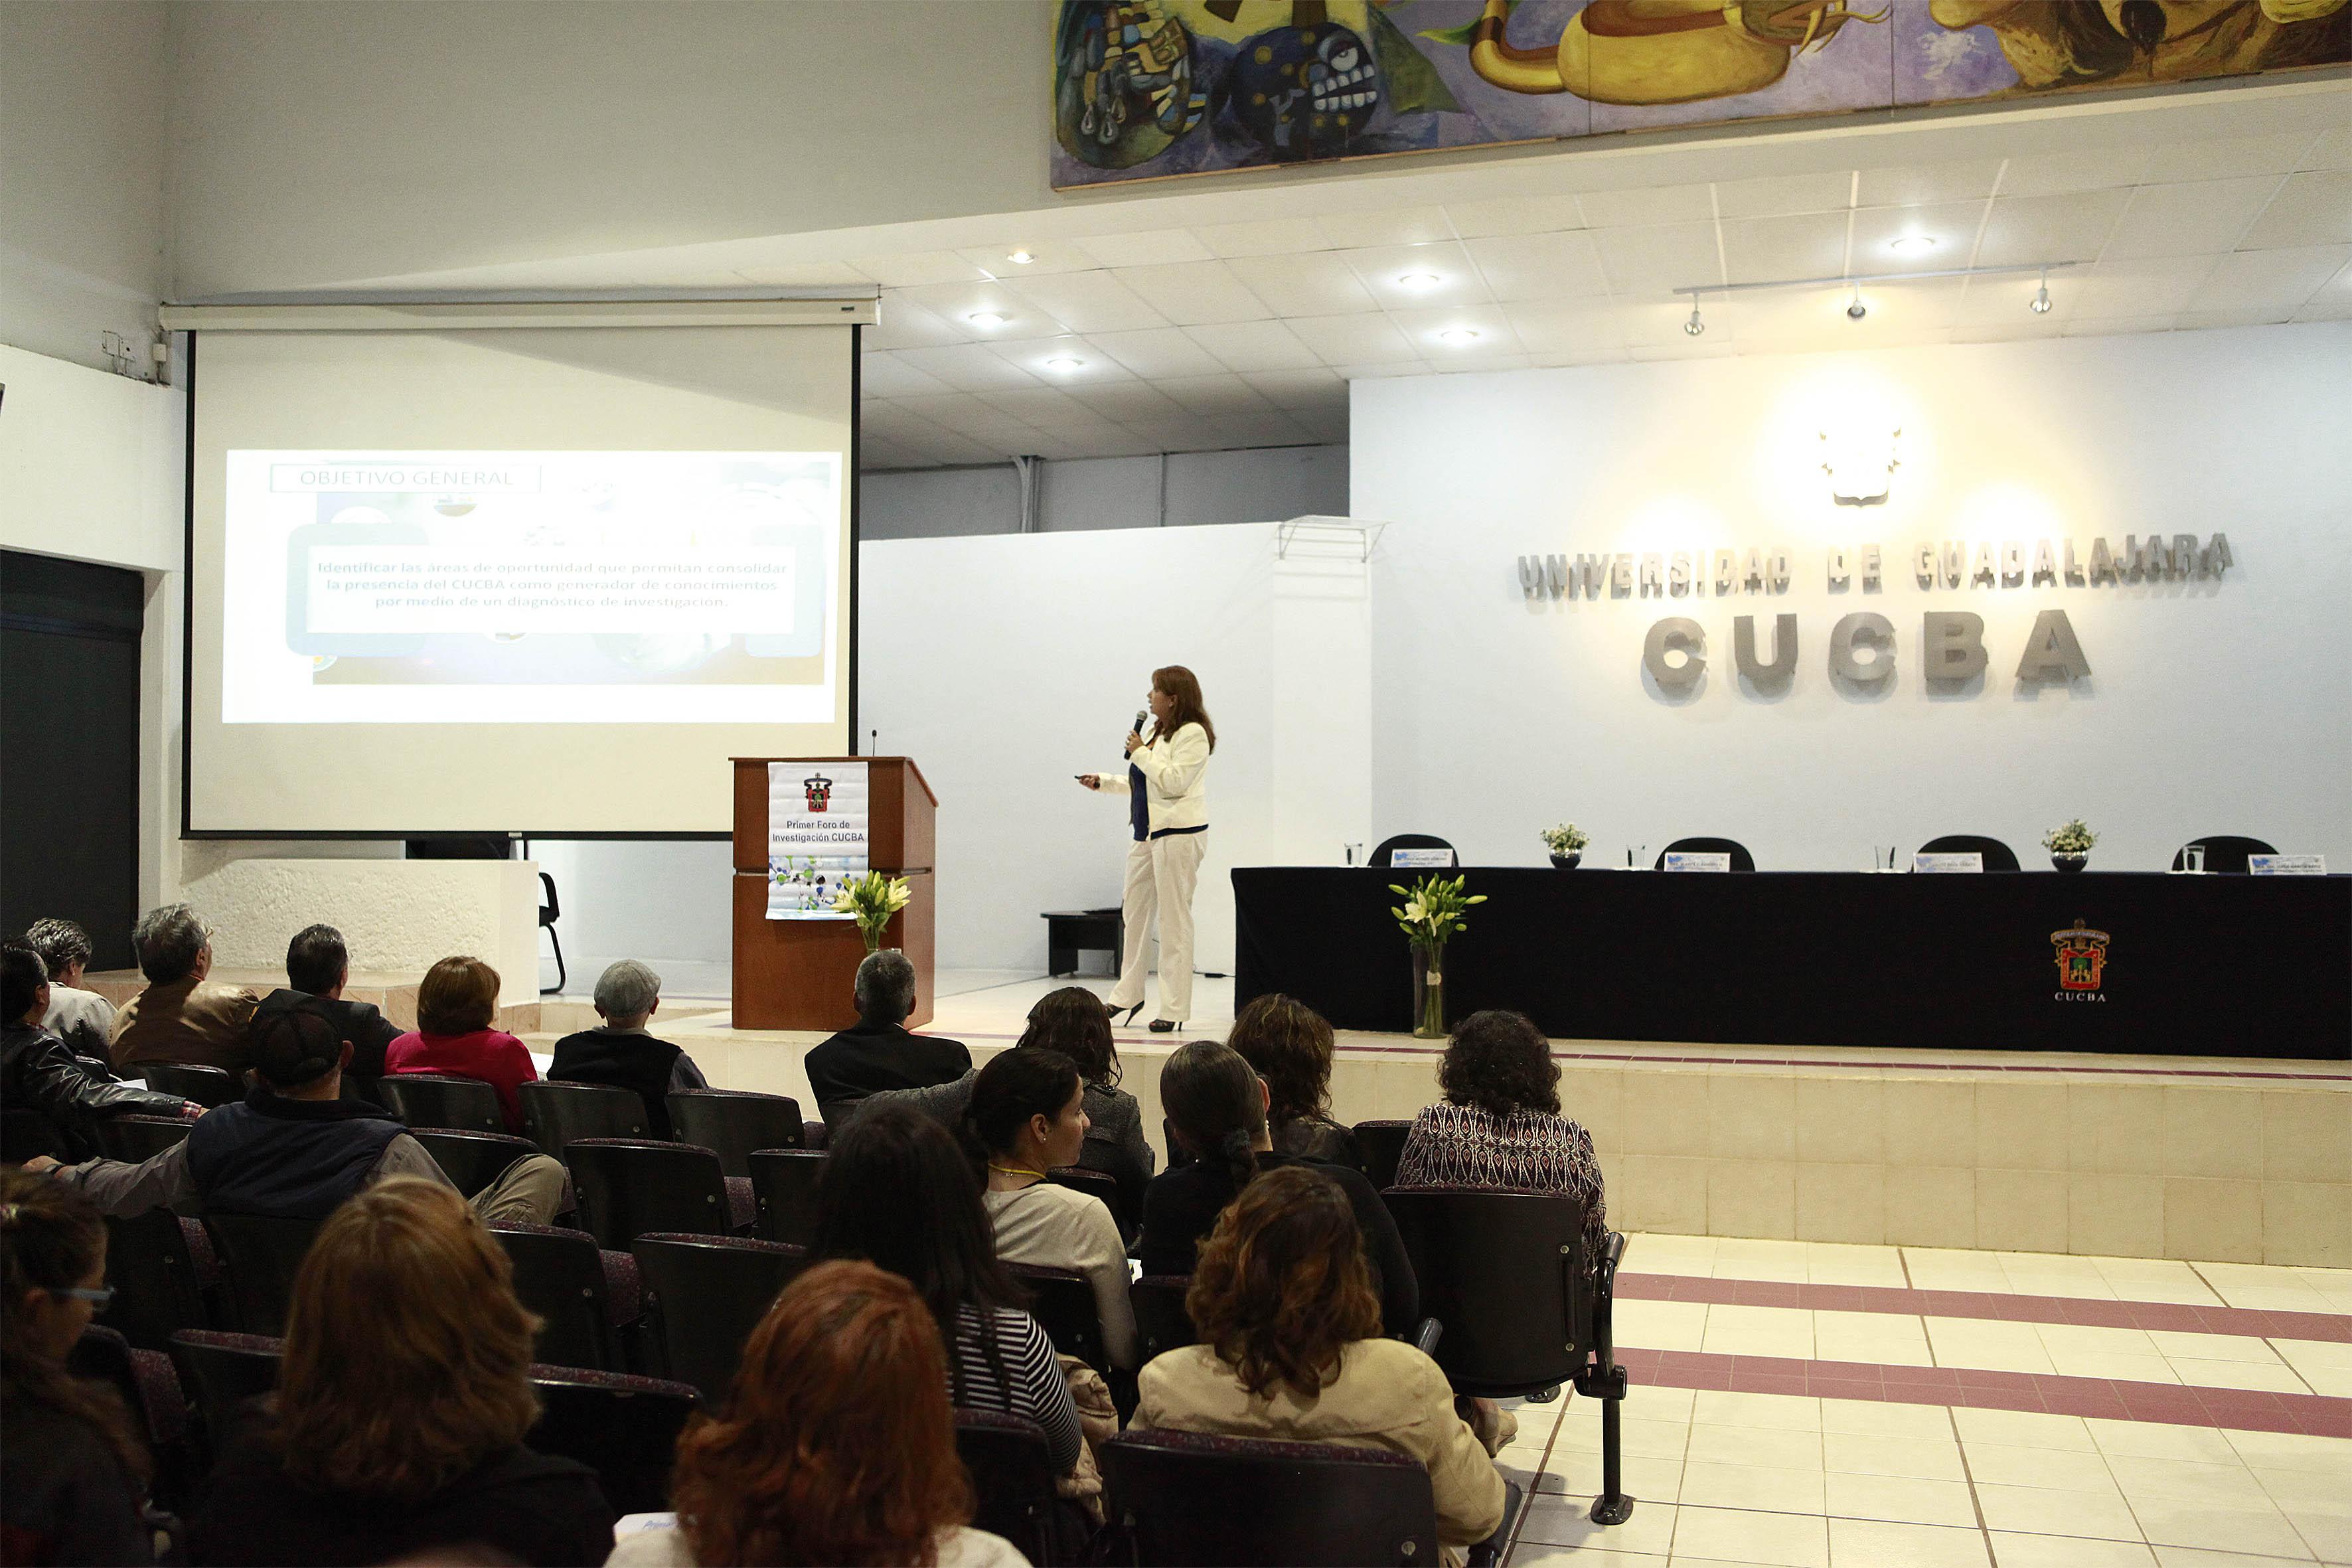 Coordinadora de Investigación del centro, doctora Blanca Ramírez Hernández. haciendo uso de la palabra